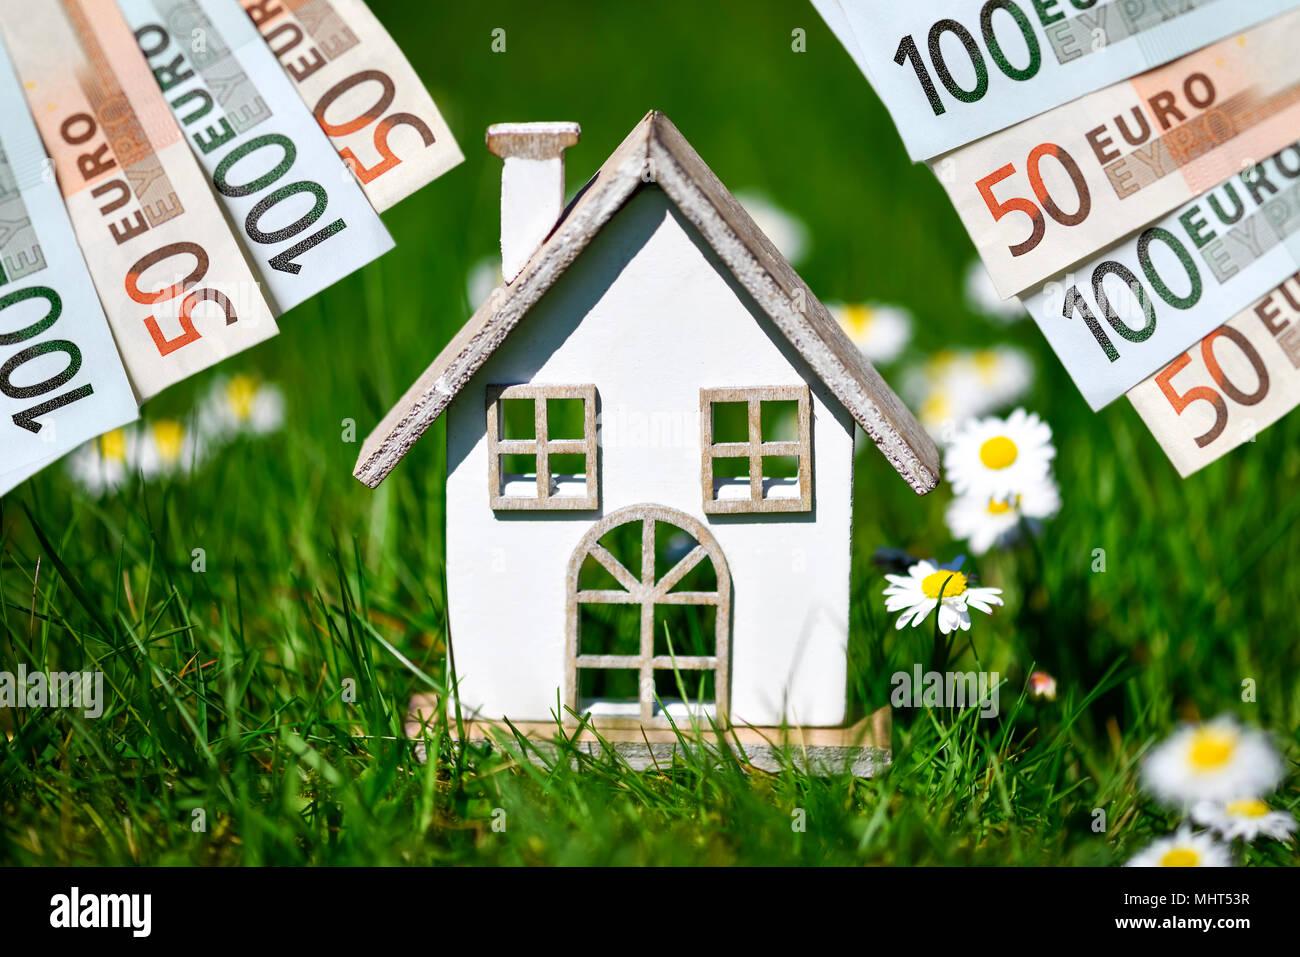 Miniaturhaus im Gras und Euro-banknoten Stockbild